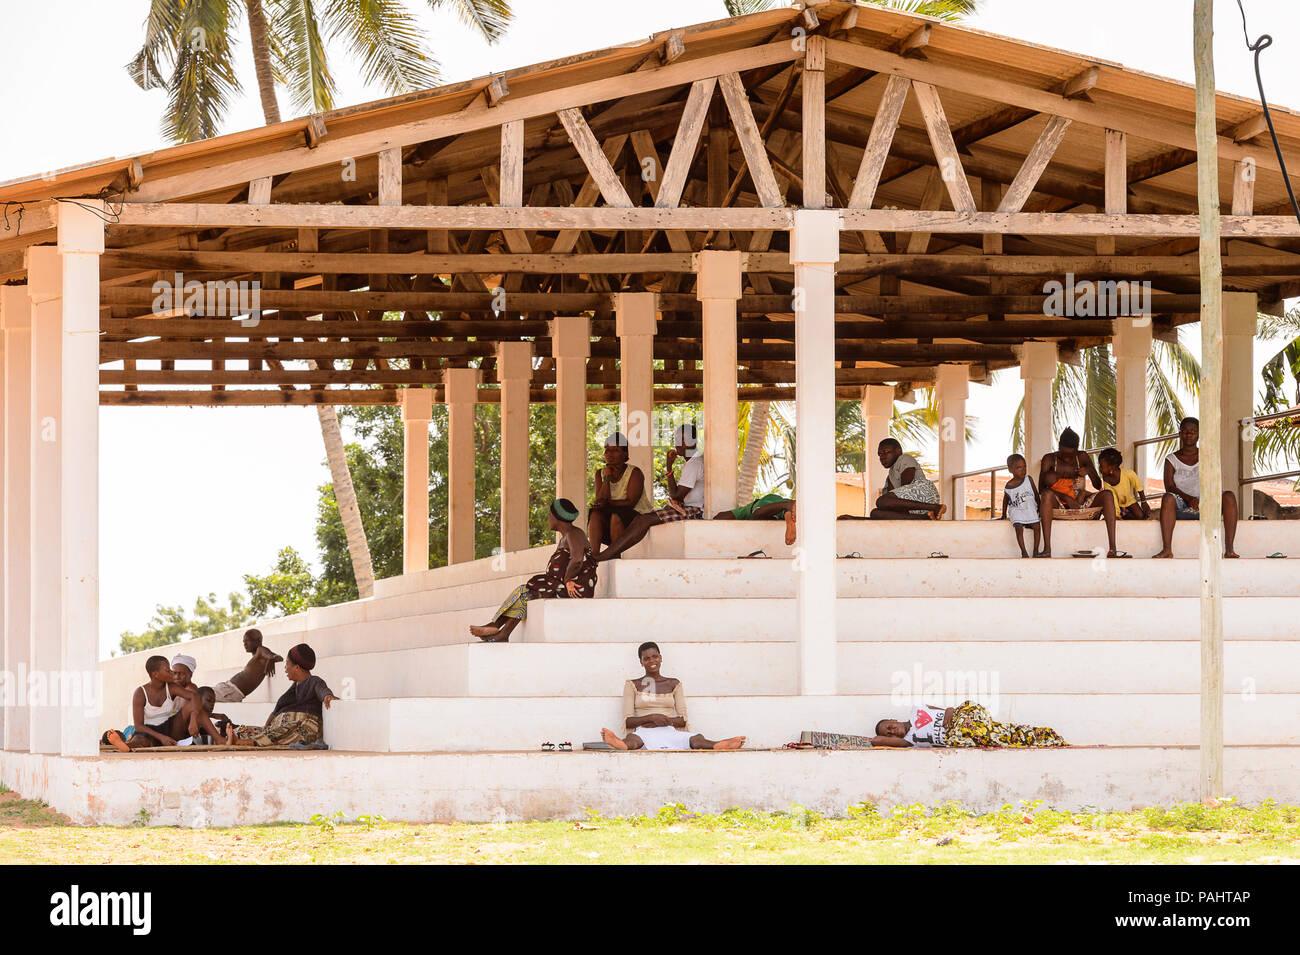 KARA, TOGO - Mar 9, 2013: Unbekannter Menschen in Togo. Die Menschen in Togo Leiden der Armut wegen der instabilen Situation econimic Stockfoto